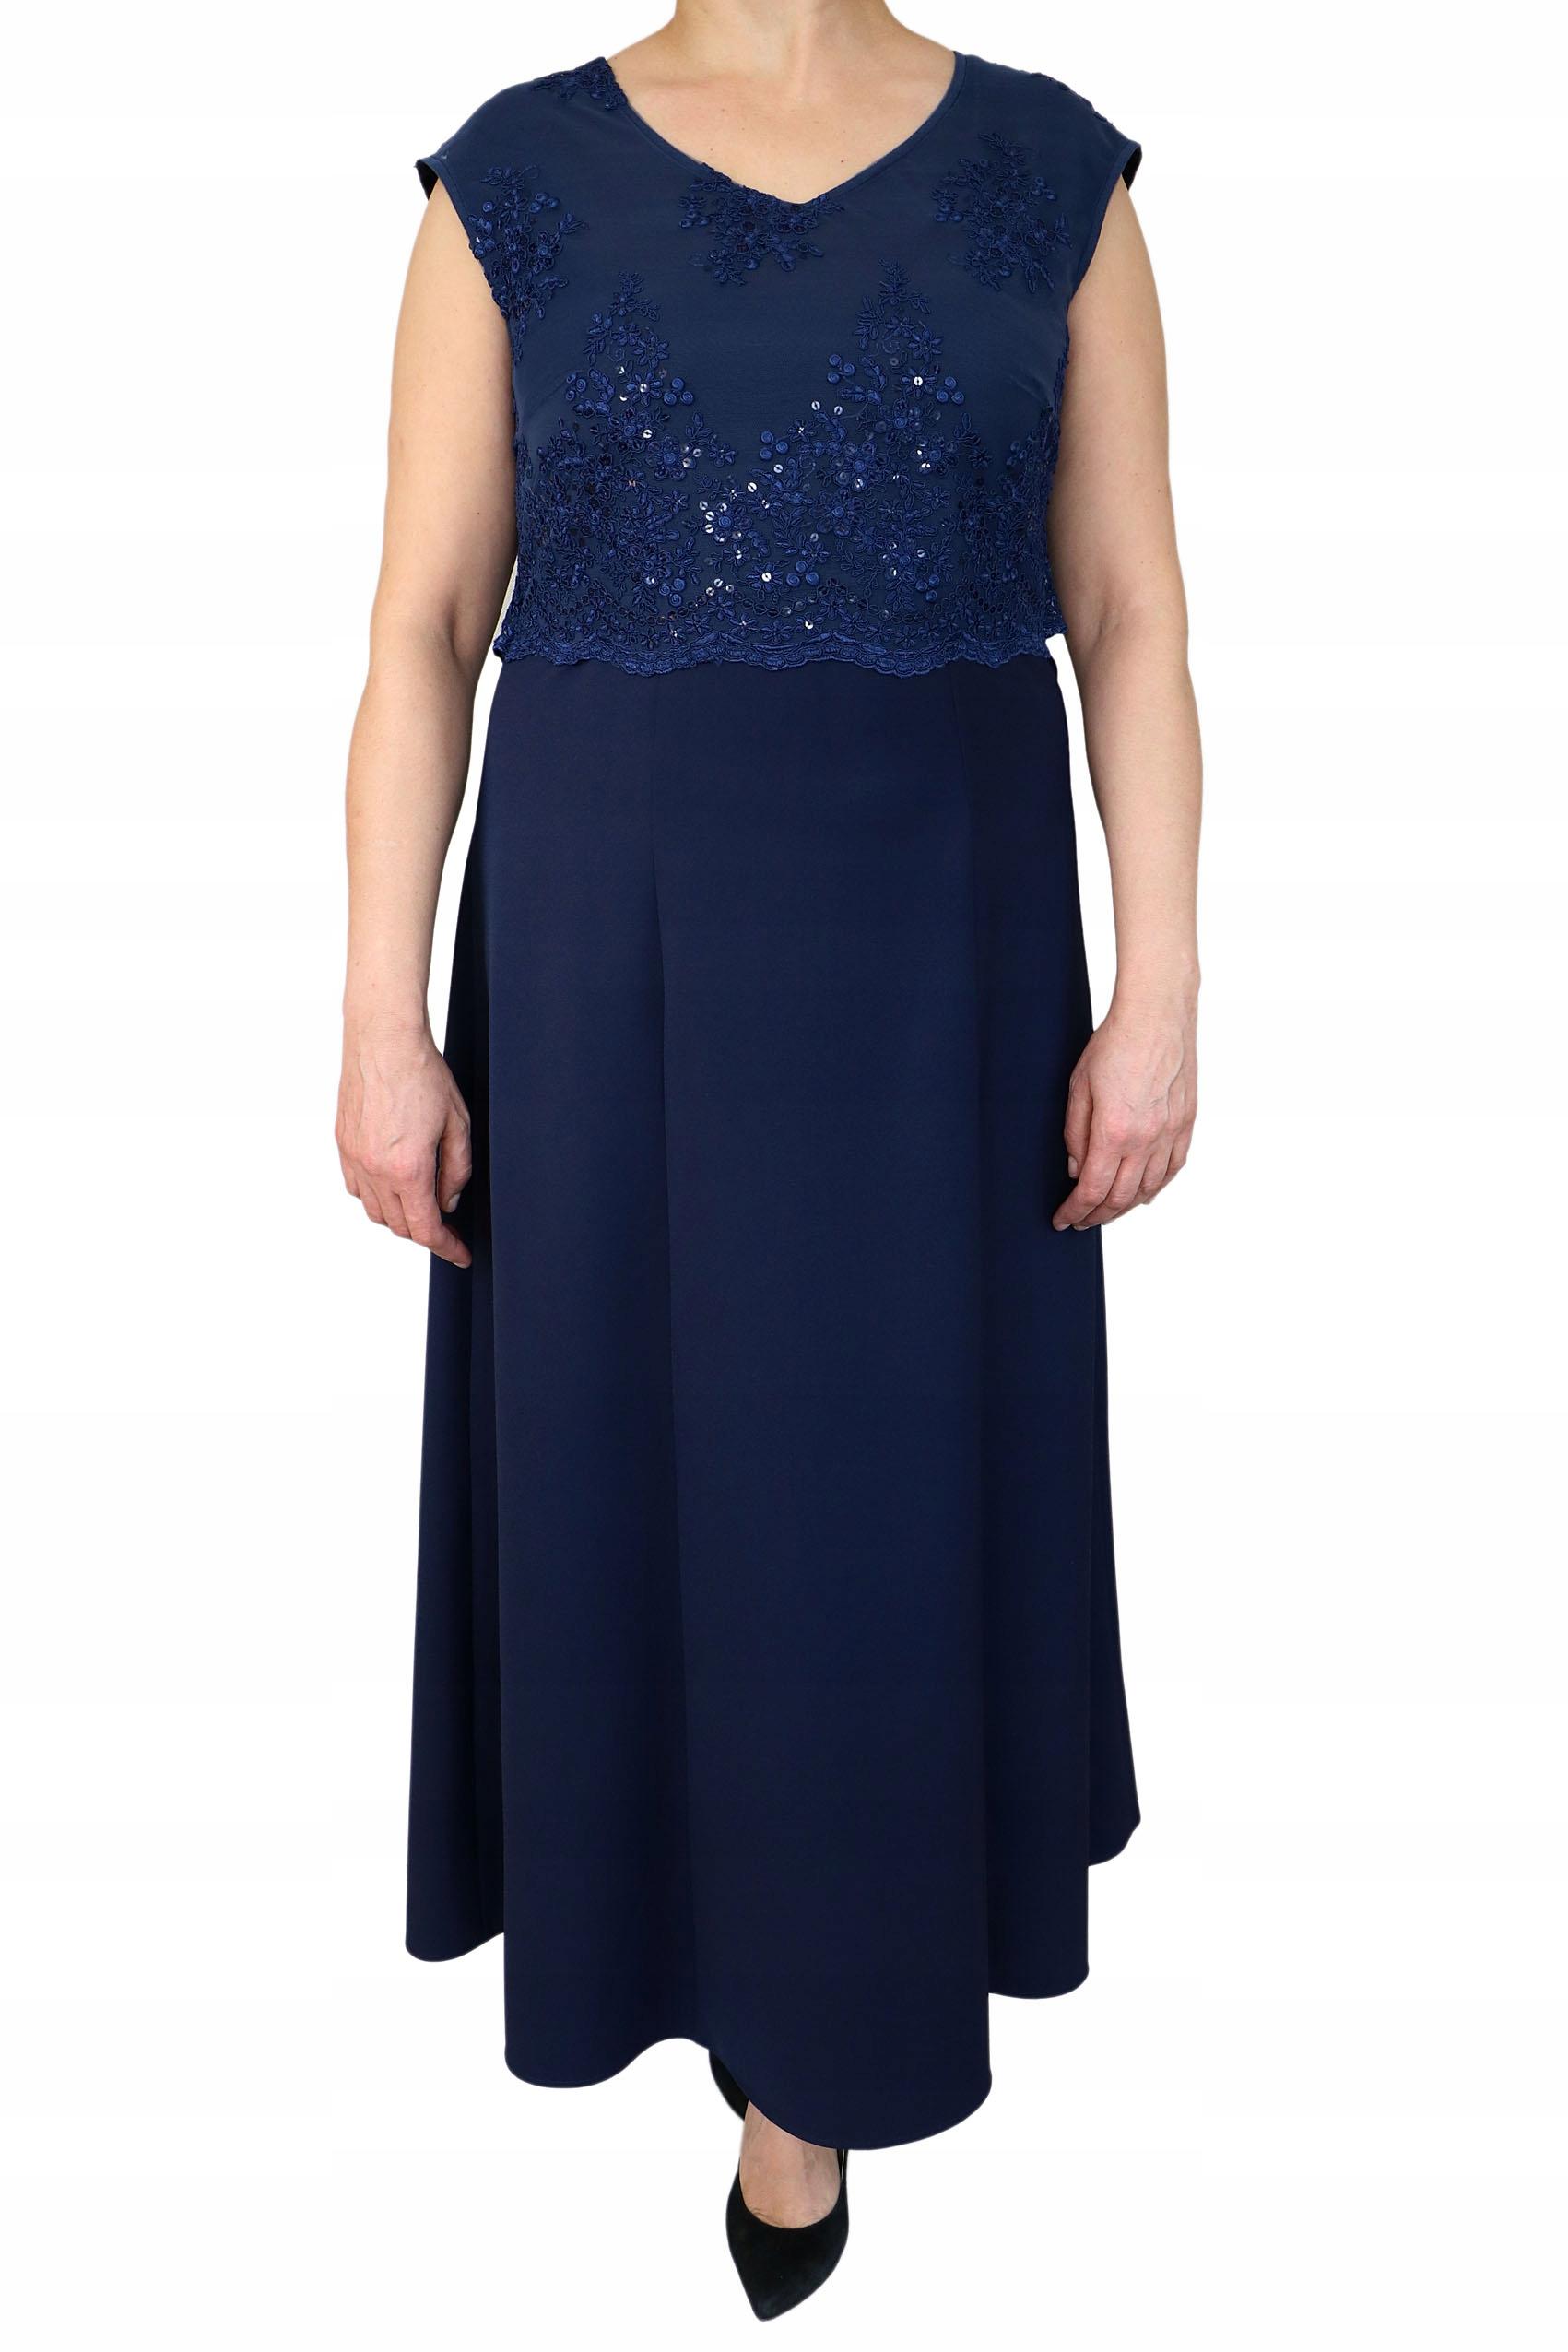 sukienka olśniewająca długa z haftem + szal 54gr